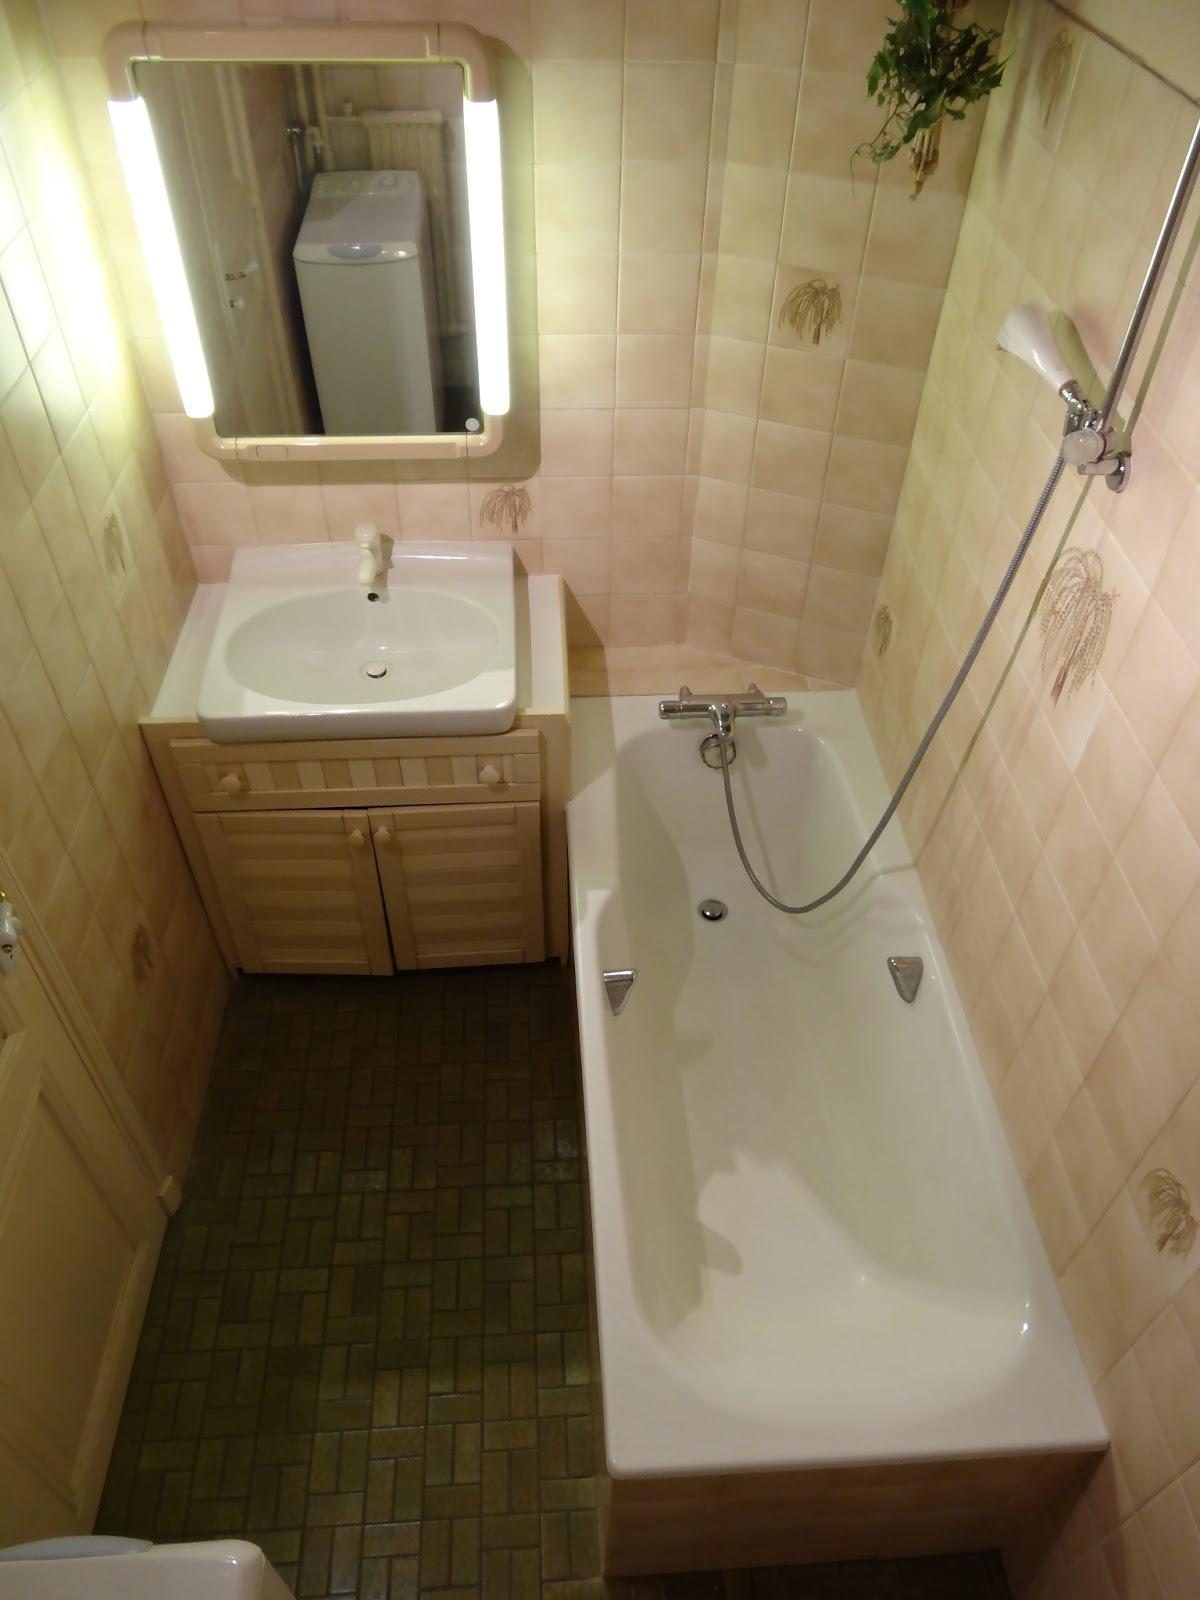 Appartement 19/19 pièces 719m² à vendre, Boulogne Billancourt 19